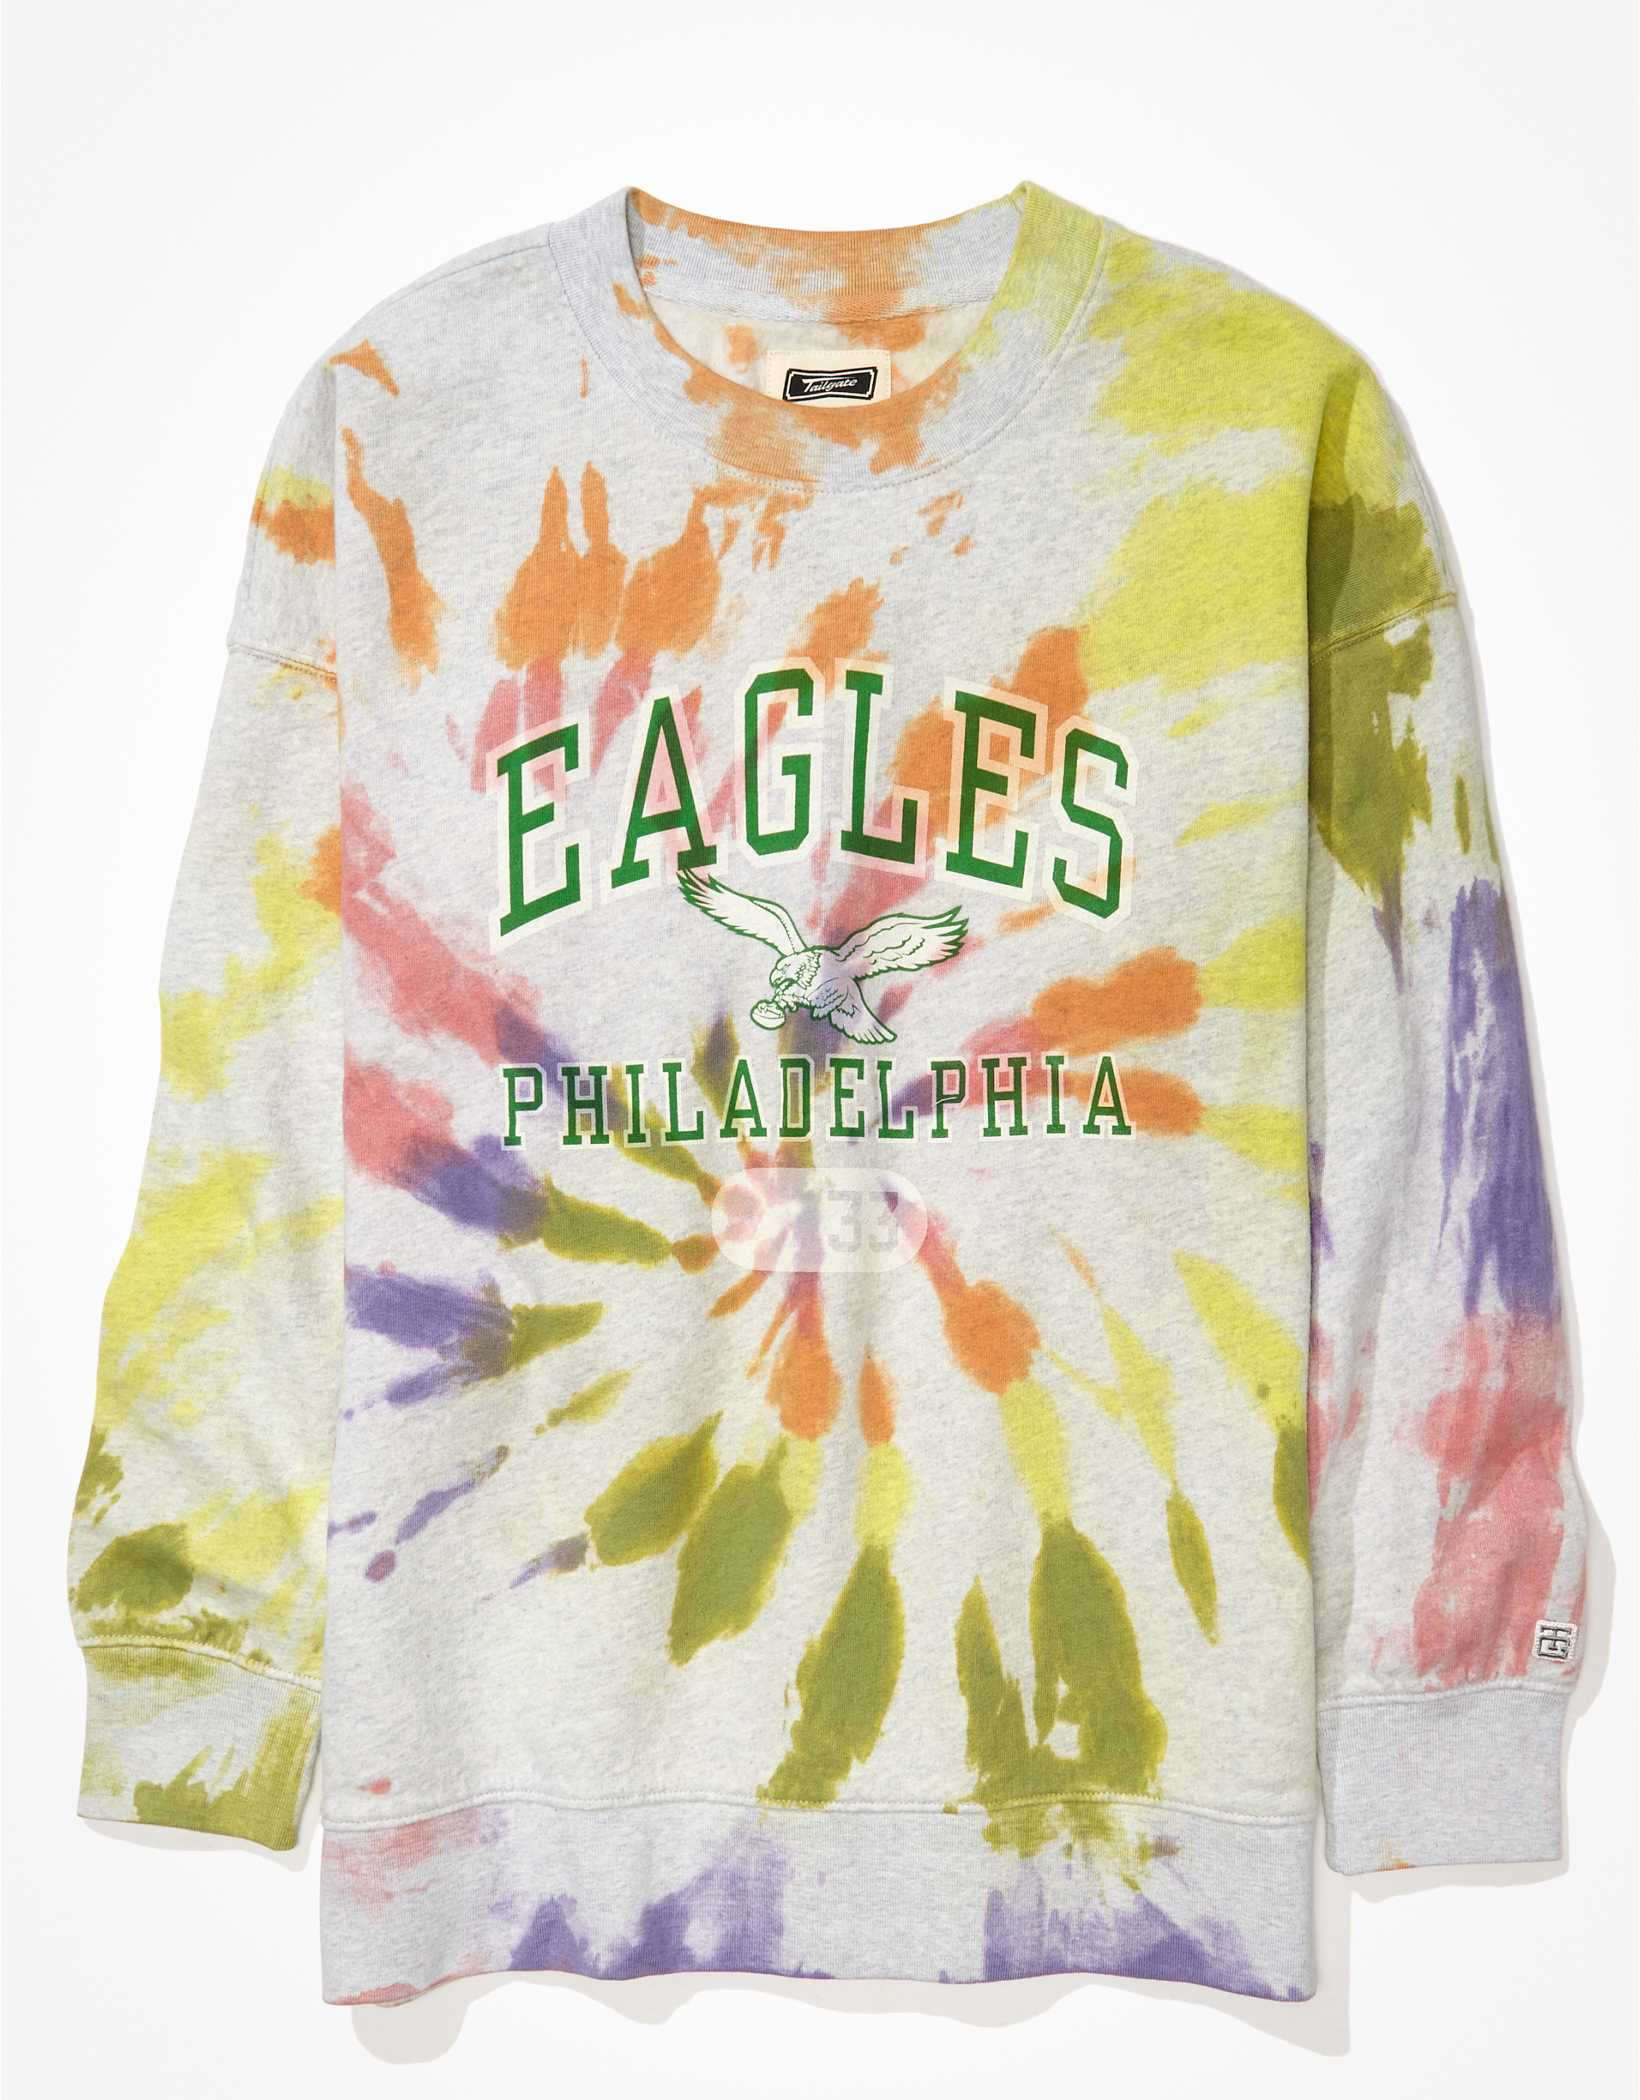 Tailgate Women's Philadelphia Eagles Oversized Tie-Dye Sweatshirt